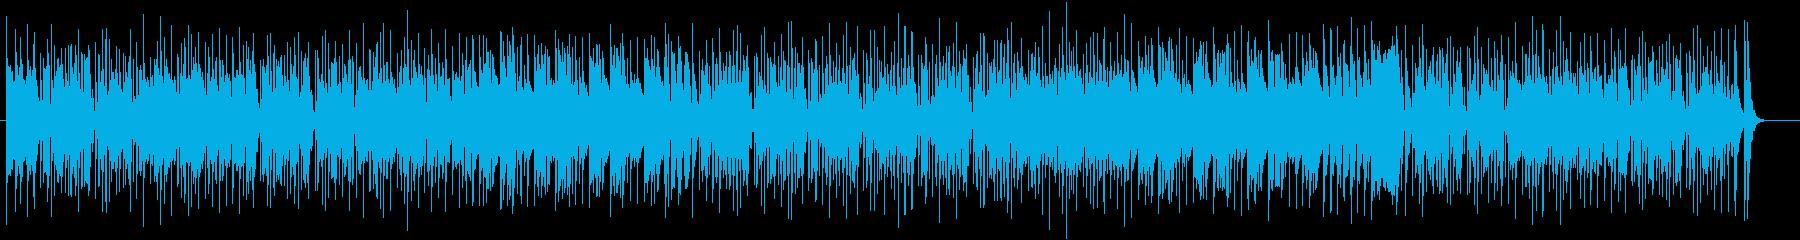 和風で楽しげな弦楽器シンセサウンドの再生済みの波形